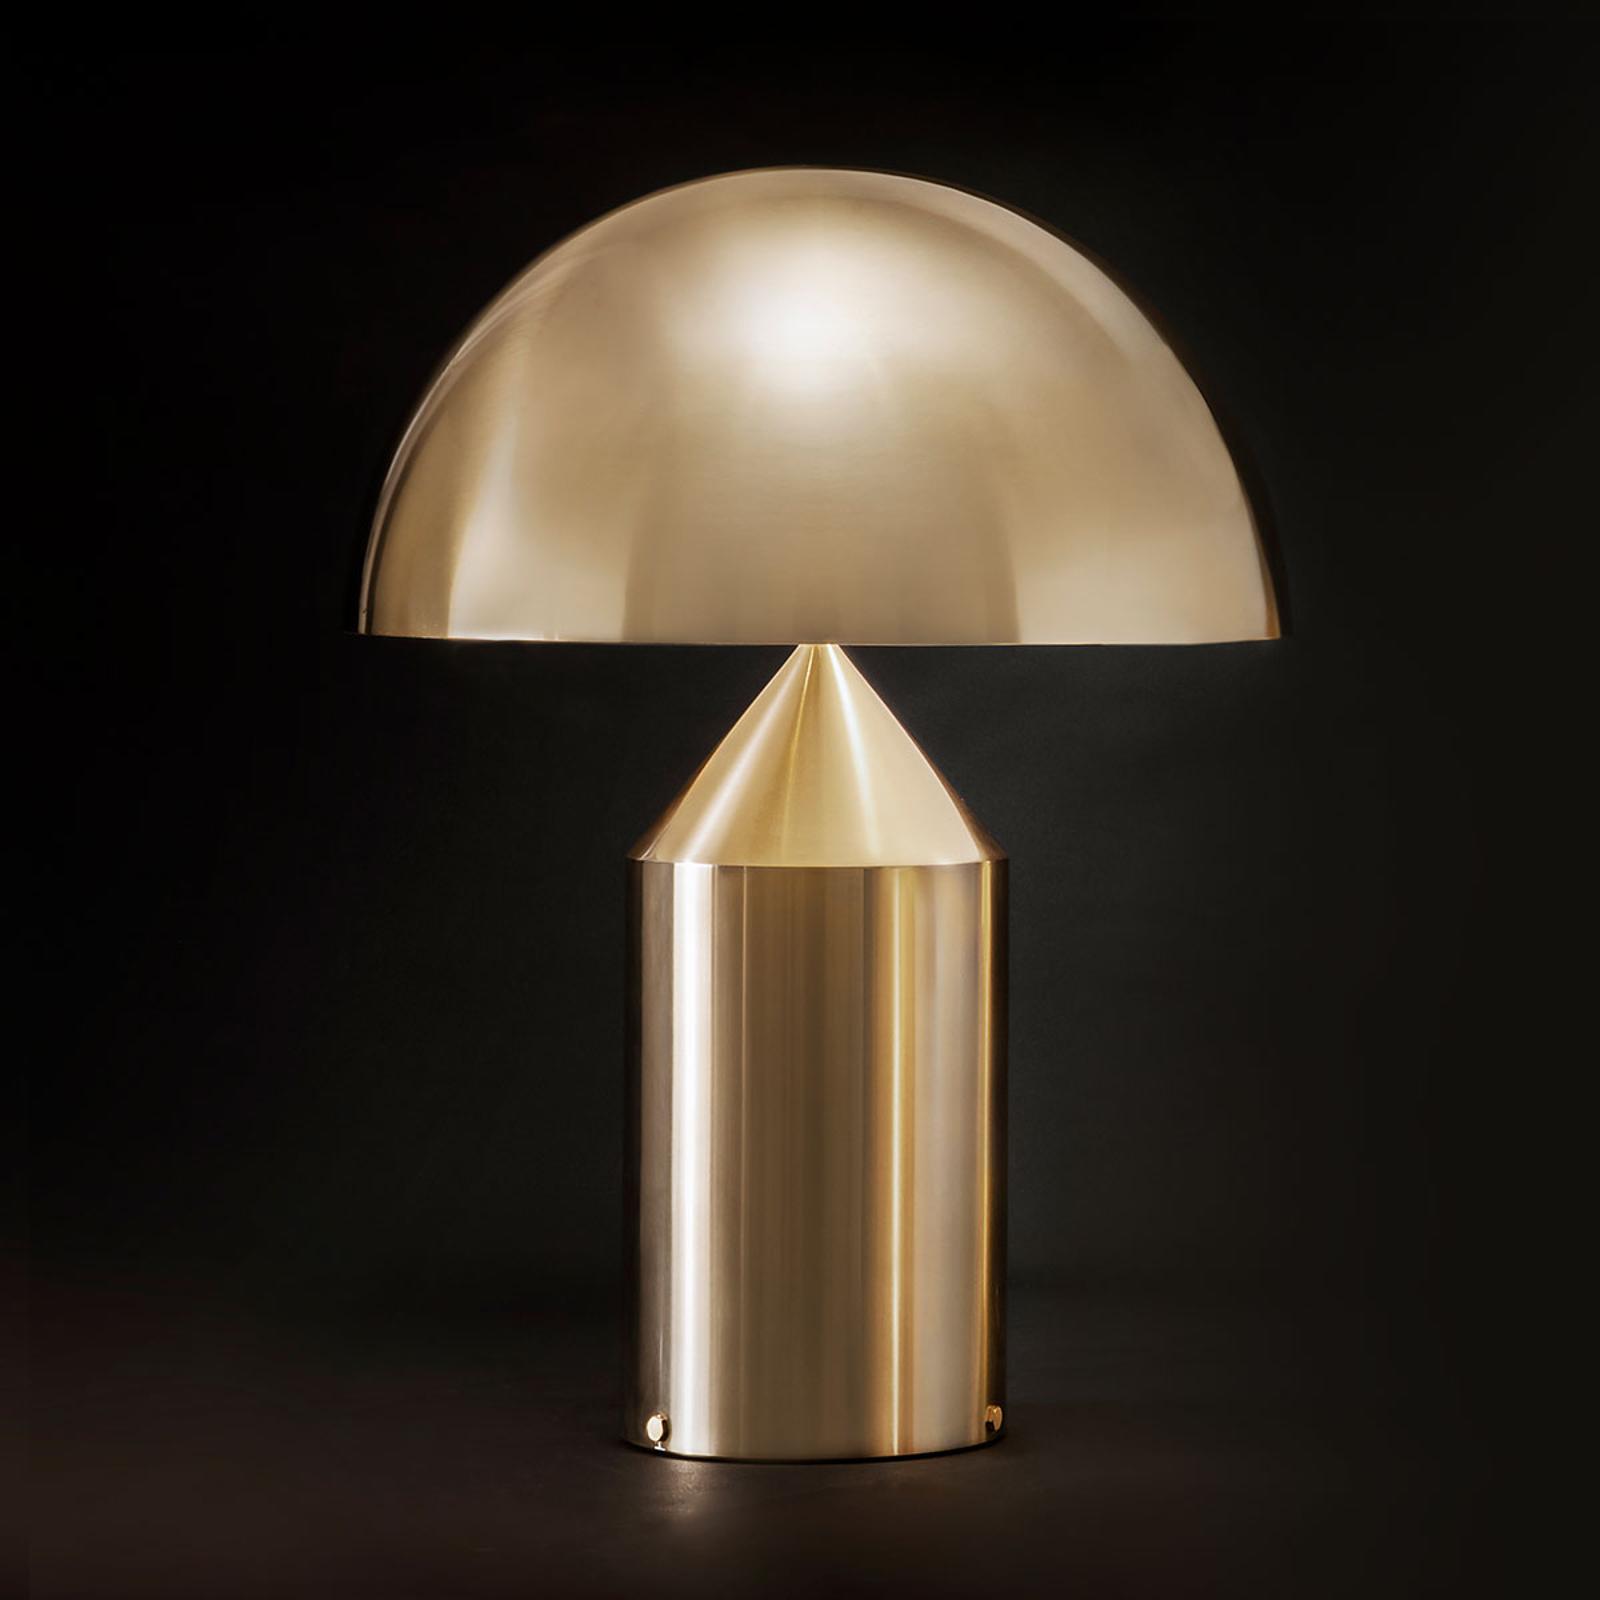 Oluce Atollo - Tischleuchte mit Dimmer, gold